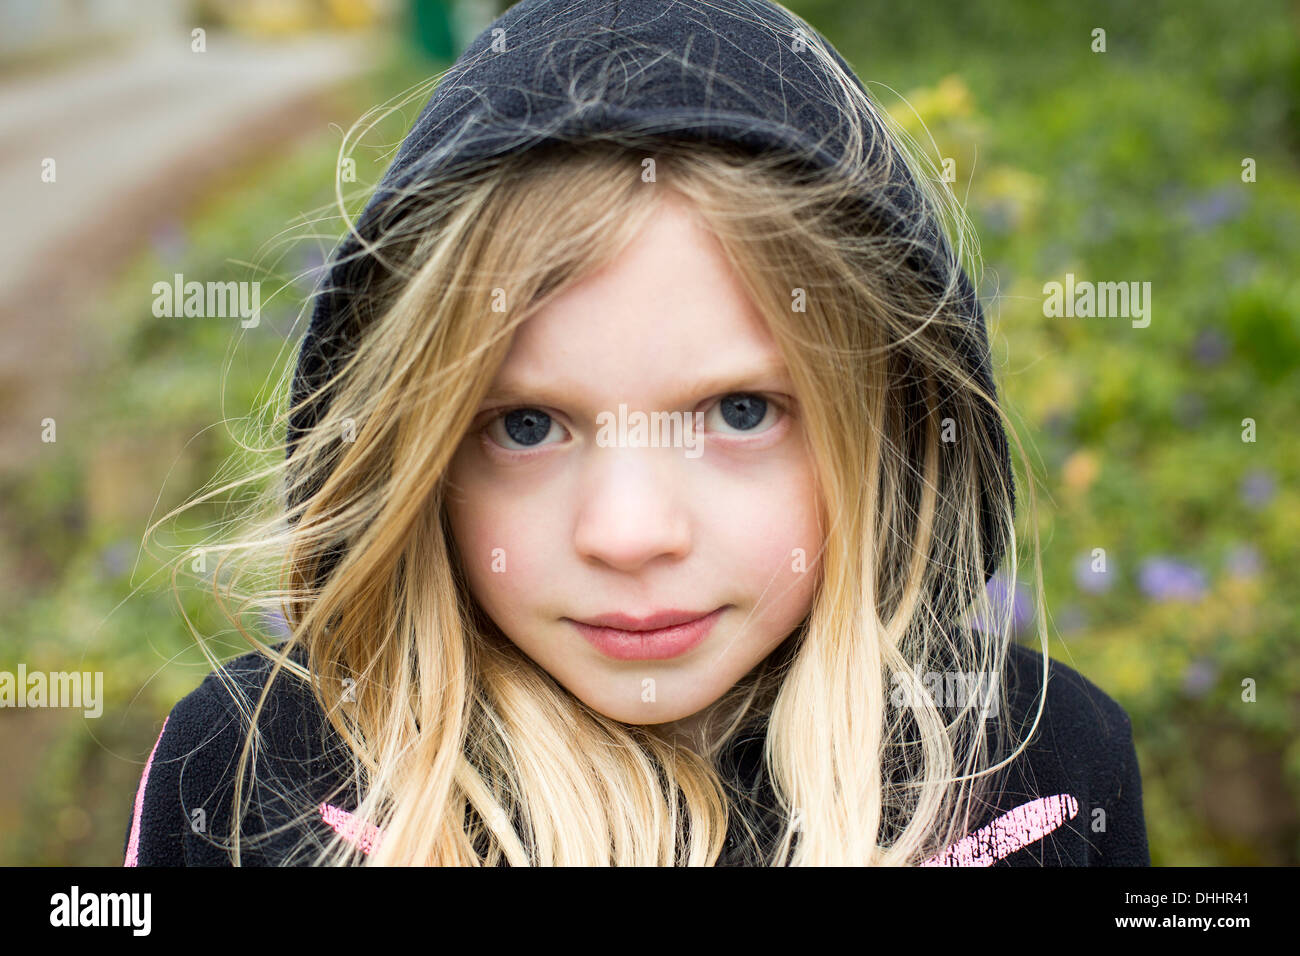 Retrato de chica que llevaba el capó Imagen De Stock